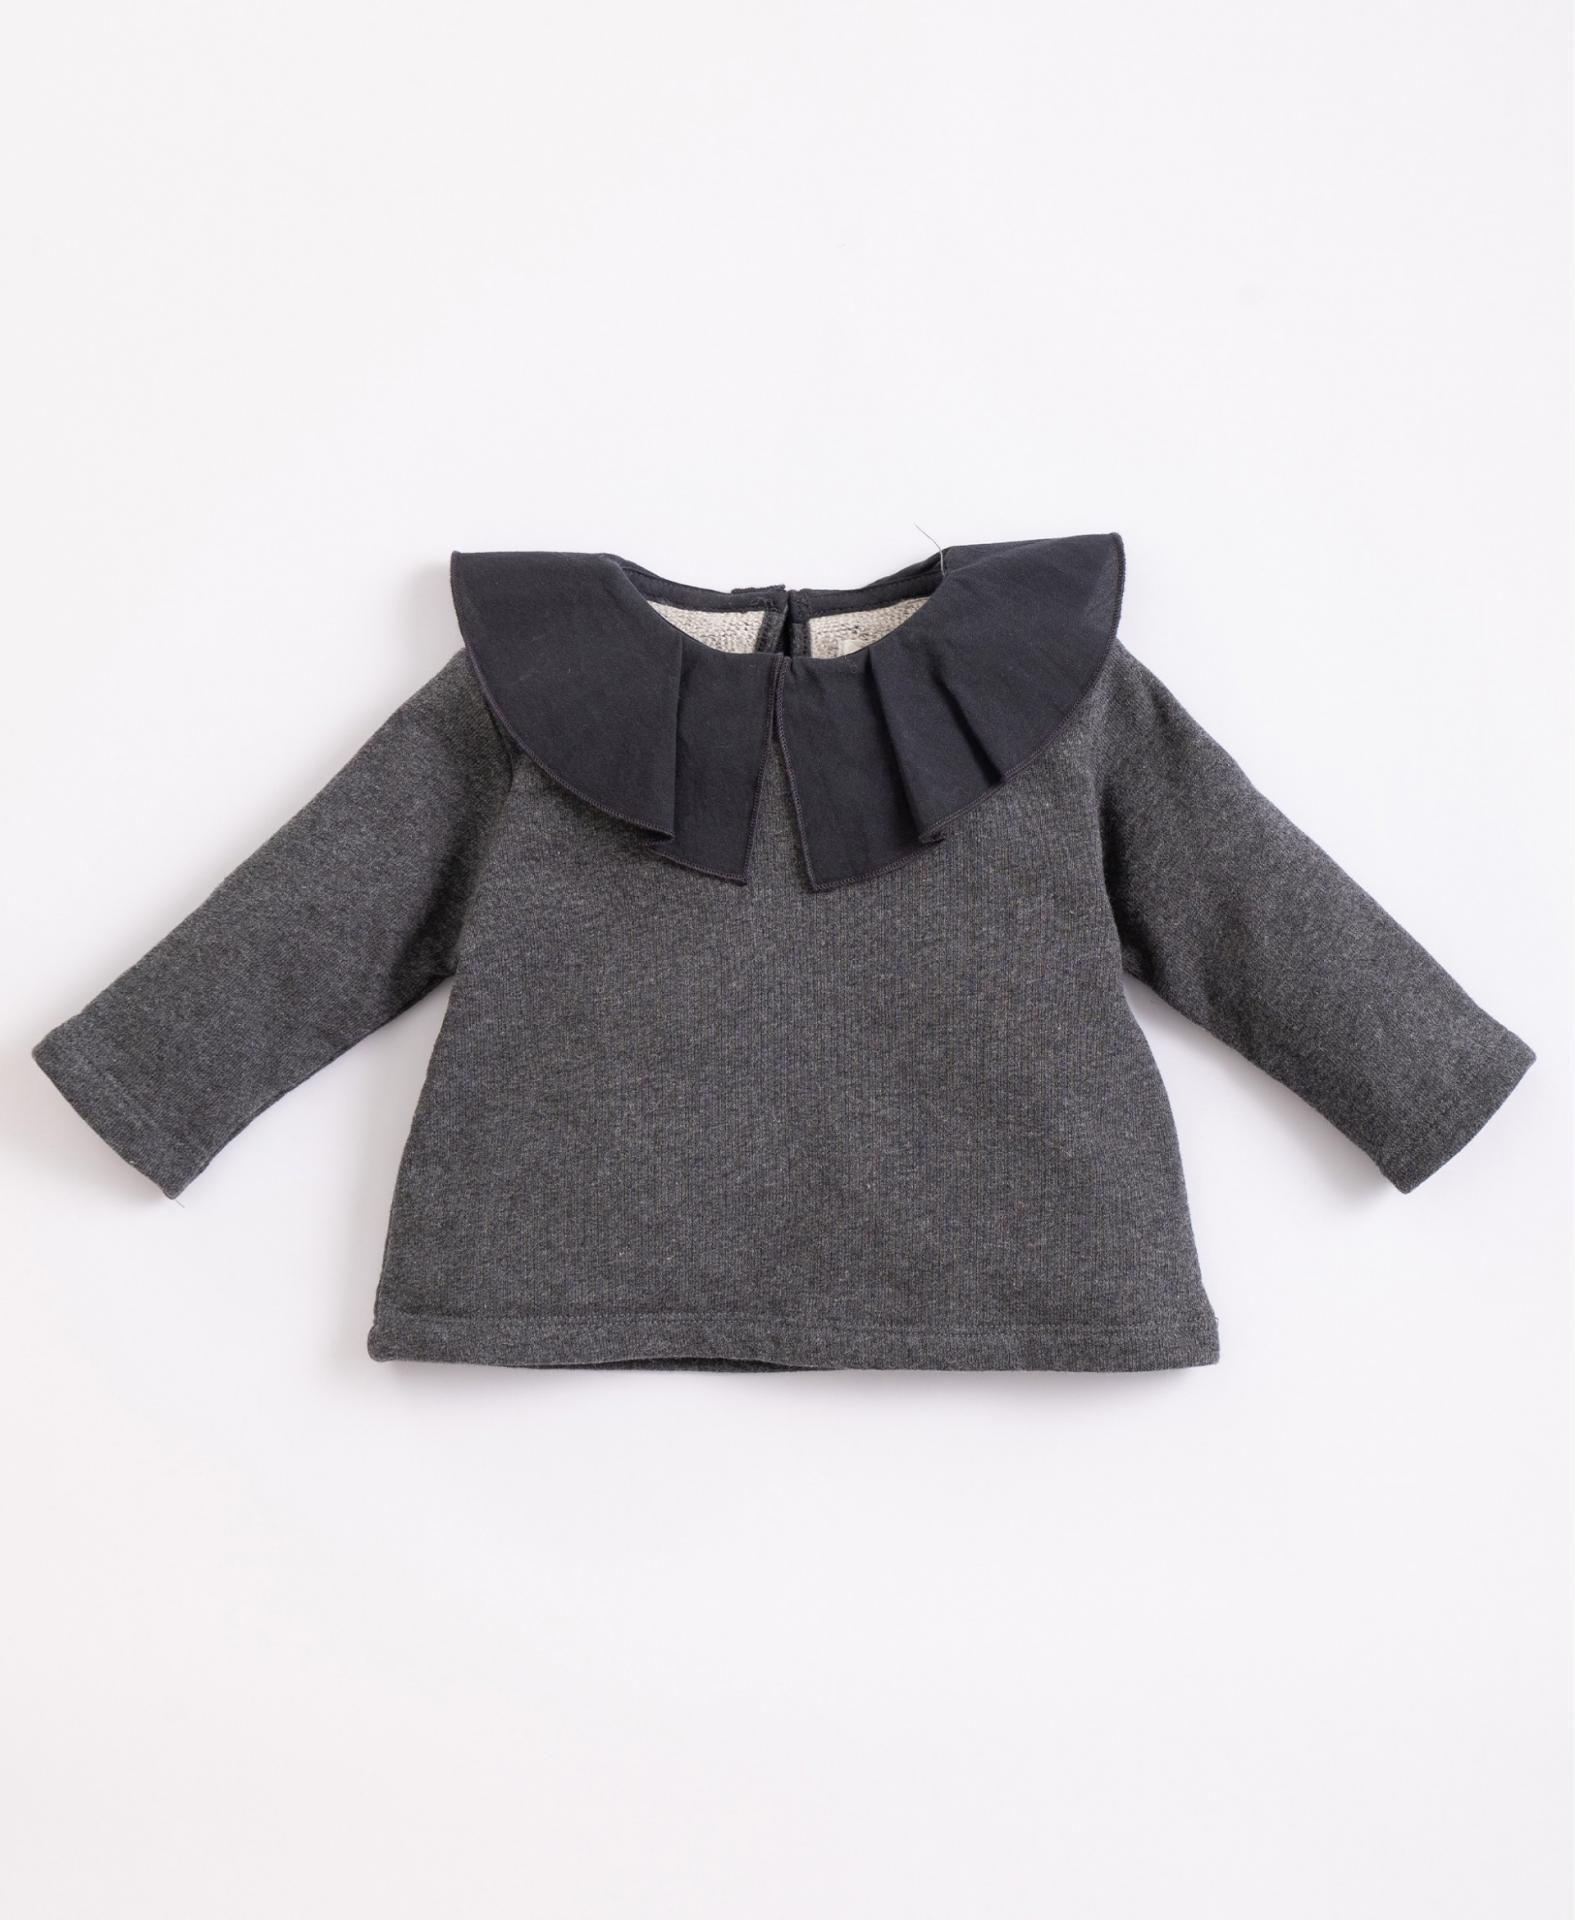 Jersey de algodón con cuello de tela PLAY UP